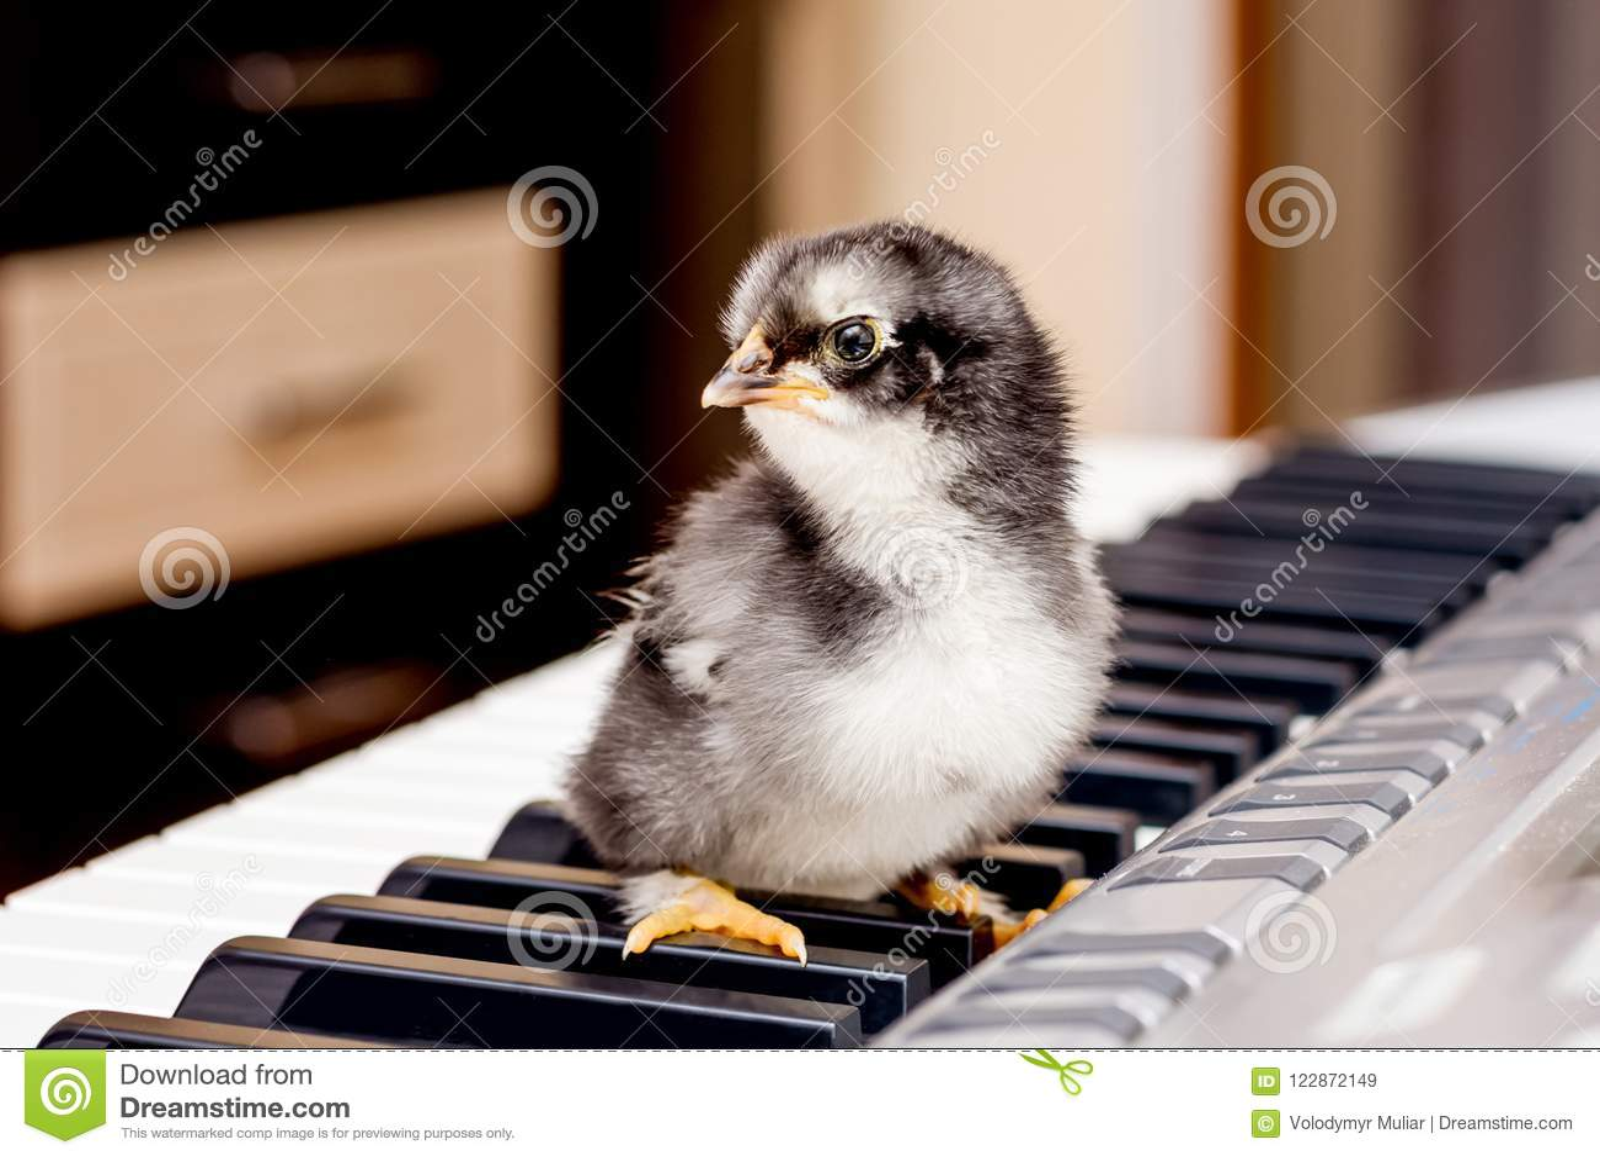 Schwarzes kleines Huhn auf den Schlüsseln des Klaviers Die ersten Schritte I